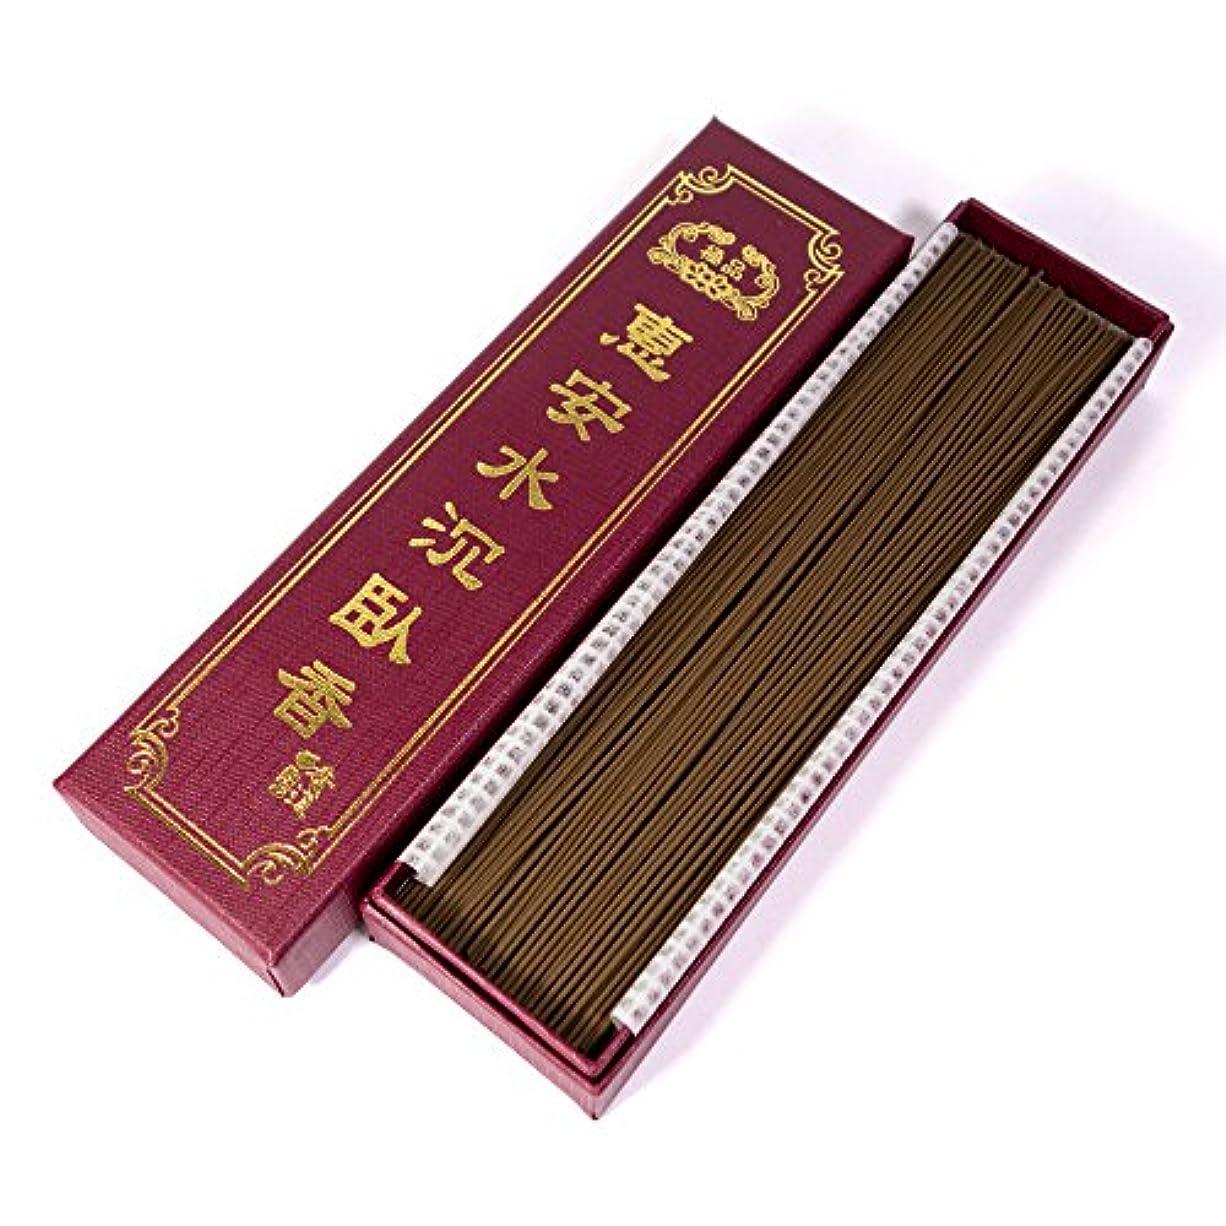 効果スリーブである台湾沉香舍 お香 香木 線香 水沈香 惠安水沈香 煙少香 21cm 75g 約220本